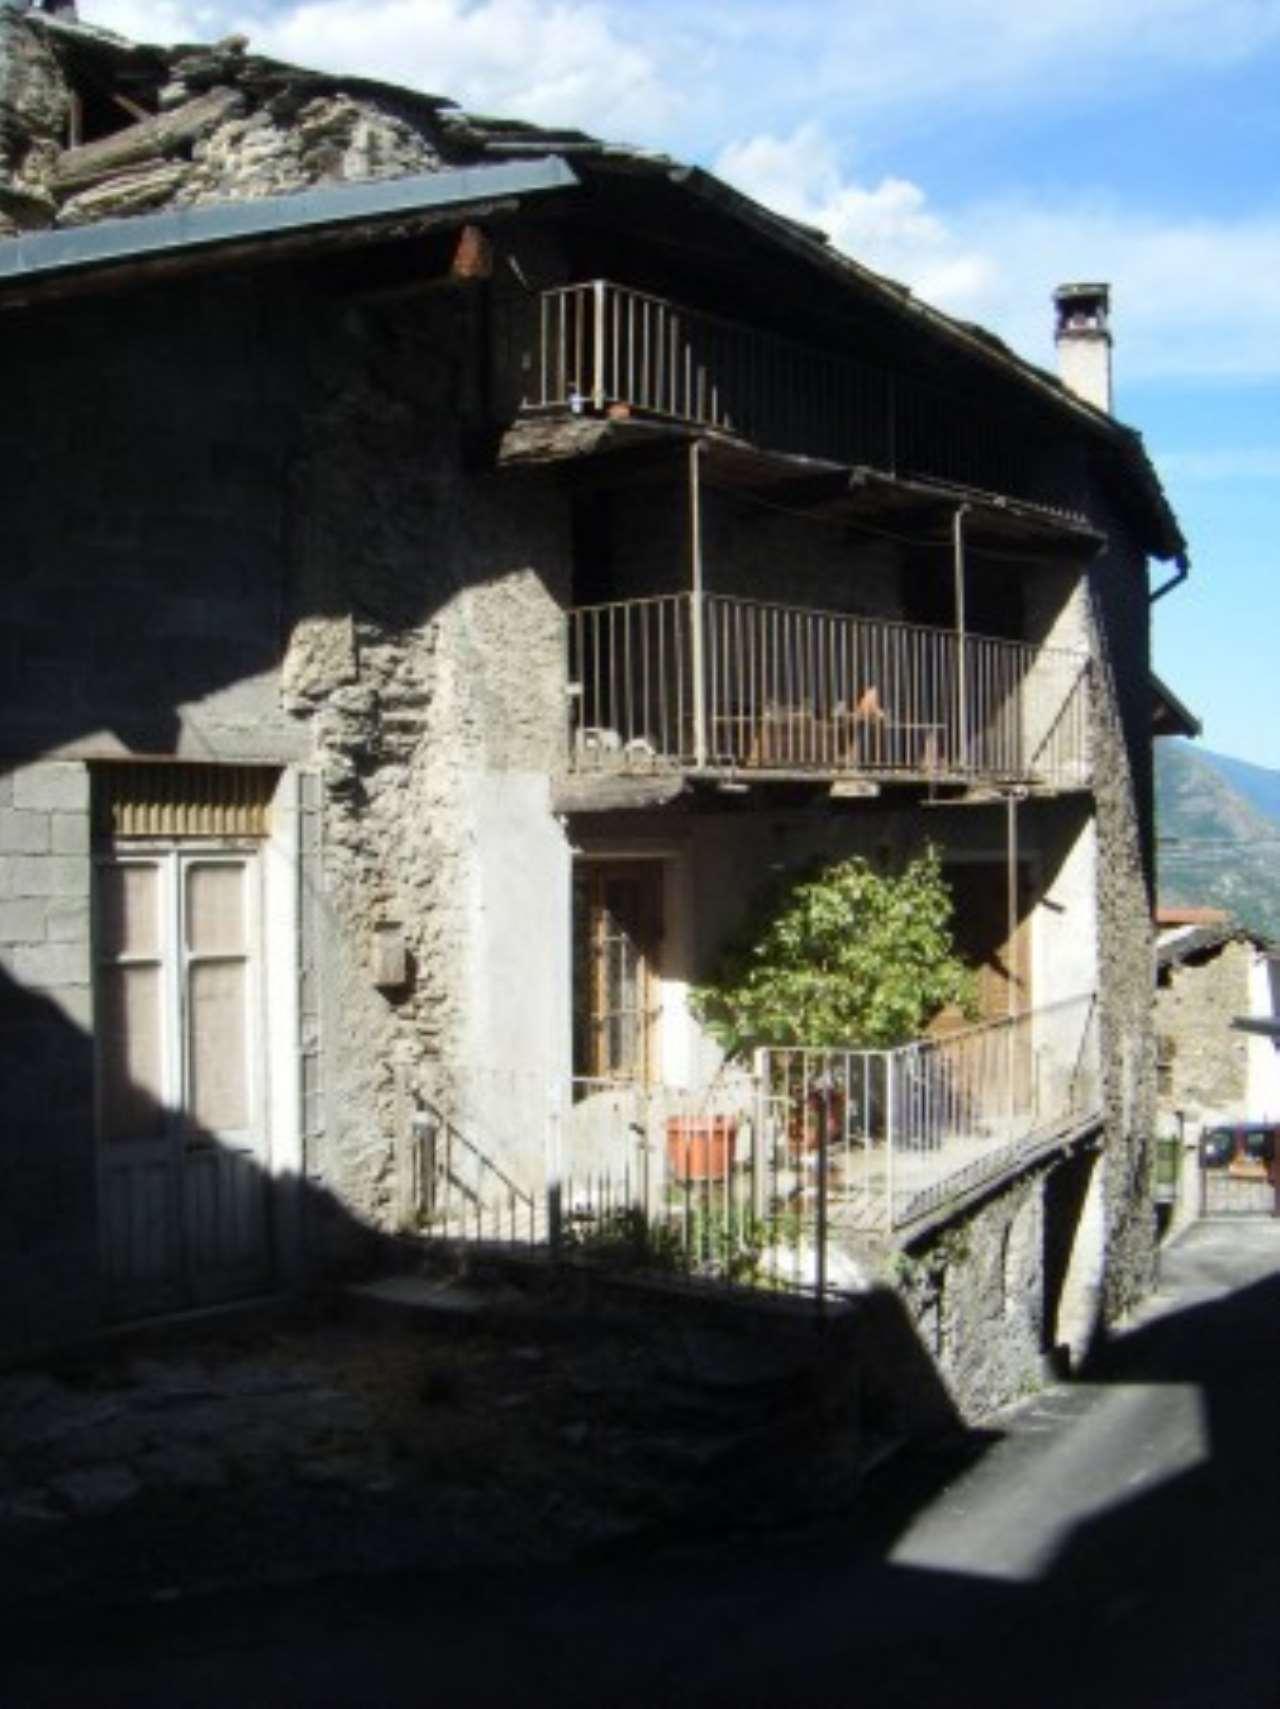 Rustico / Casale in vendita a Giaglione, 6 locali, prezzo € 68.000 | Cambio Casa.it